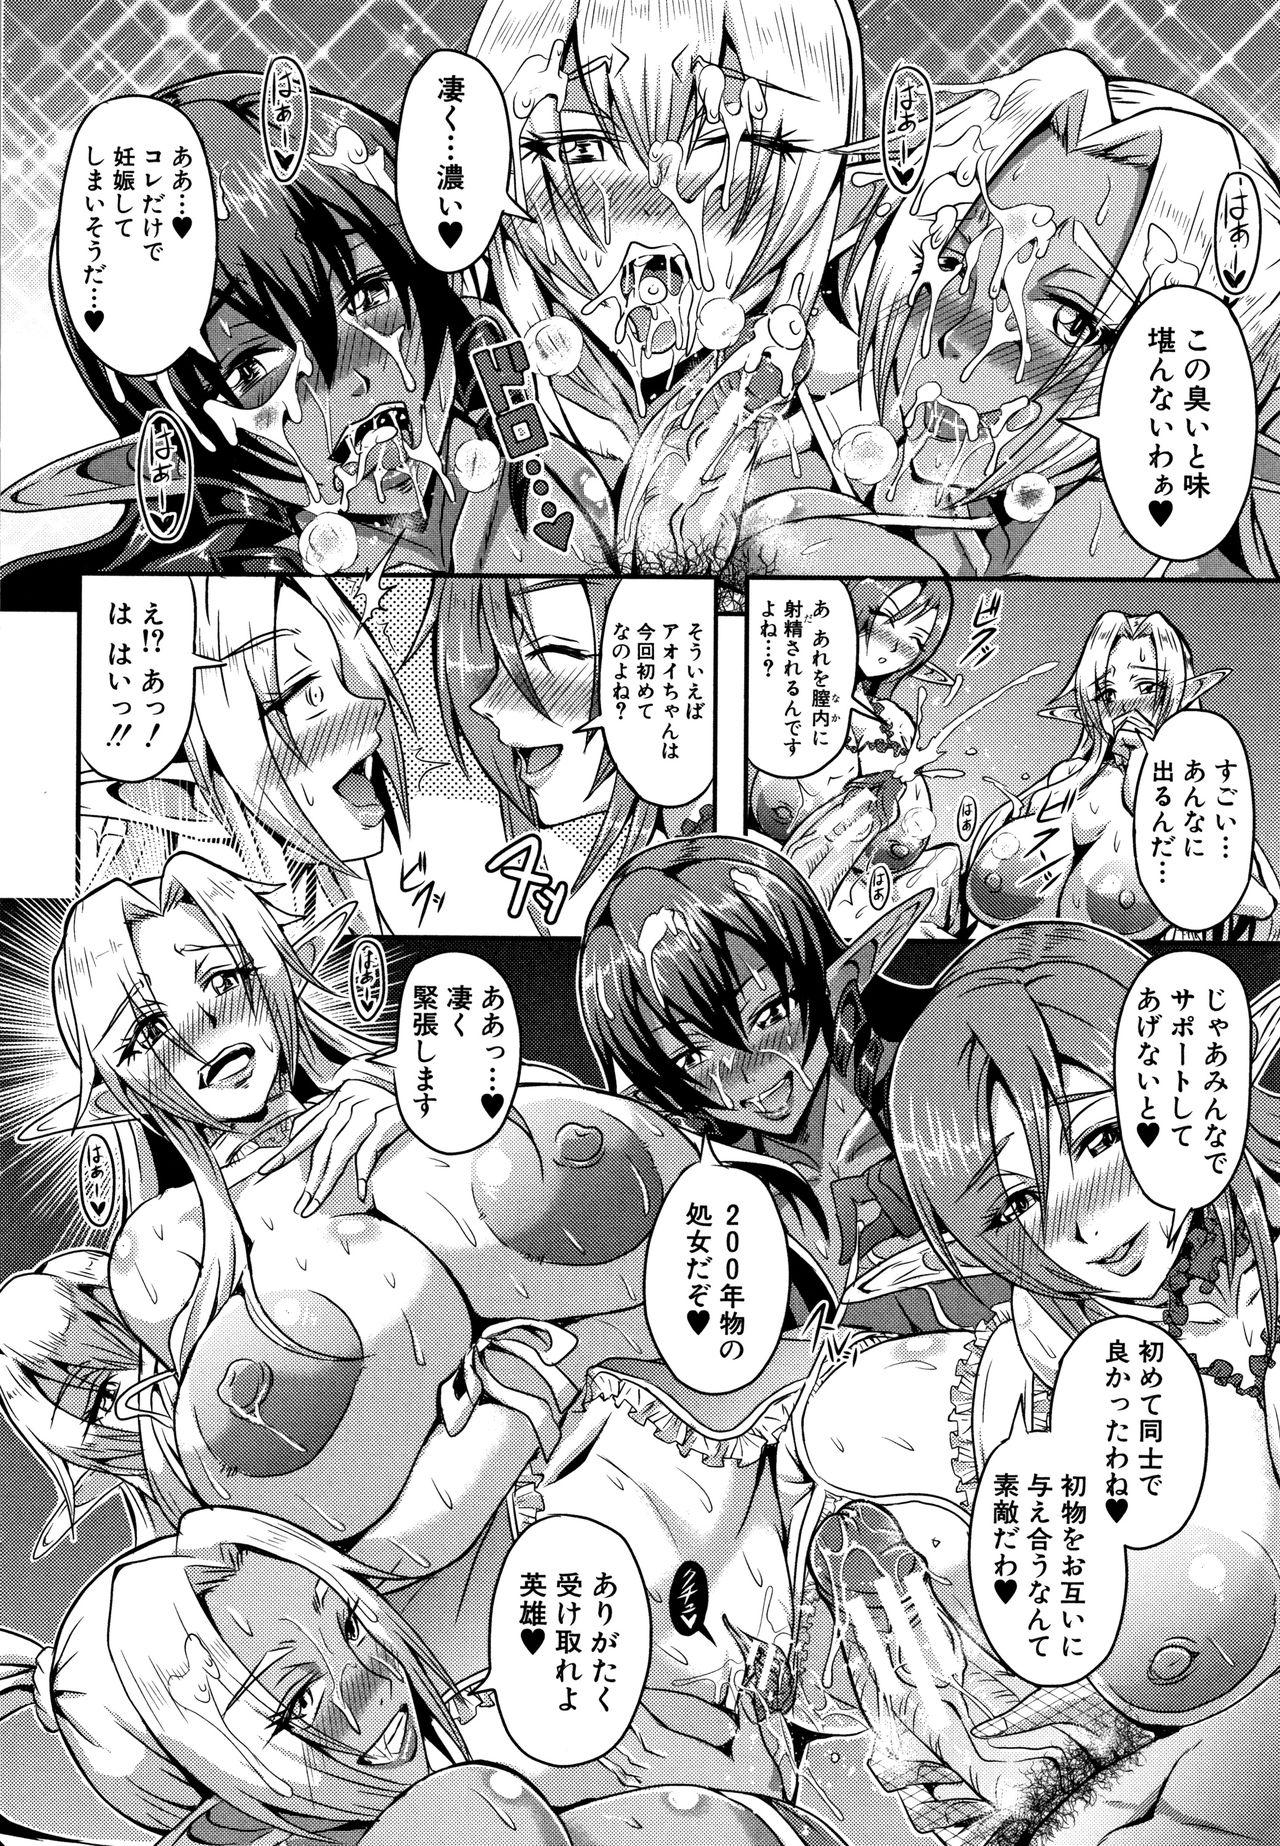 Elf Harem Monogatari - Elf Harem Story 21